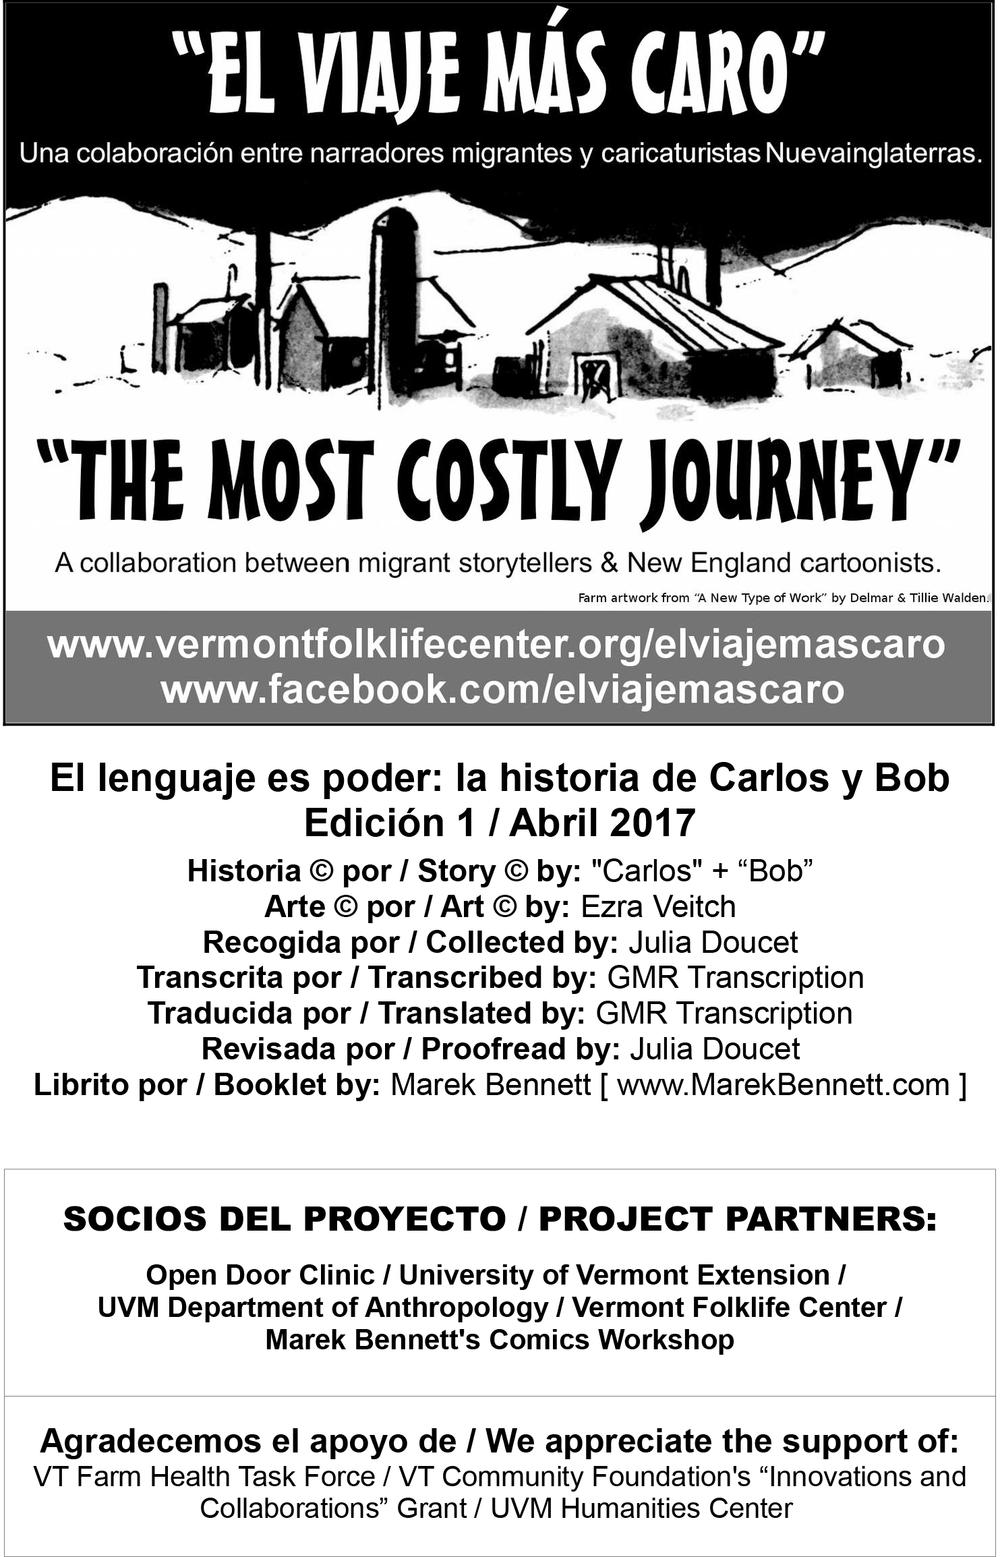 BOOKLET-170400_Carlos+Bob_Ezra_Digest_ESP-8page 8.png